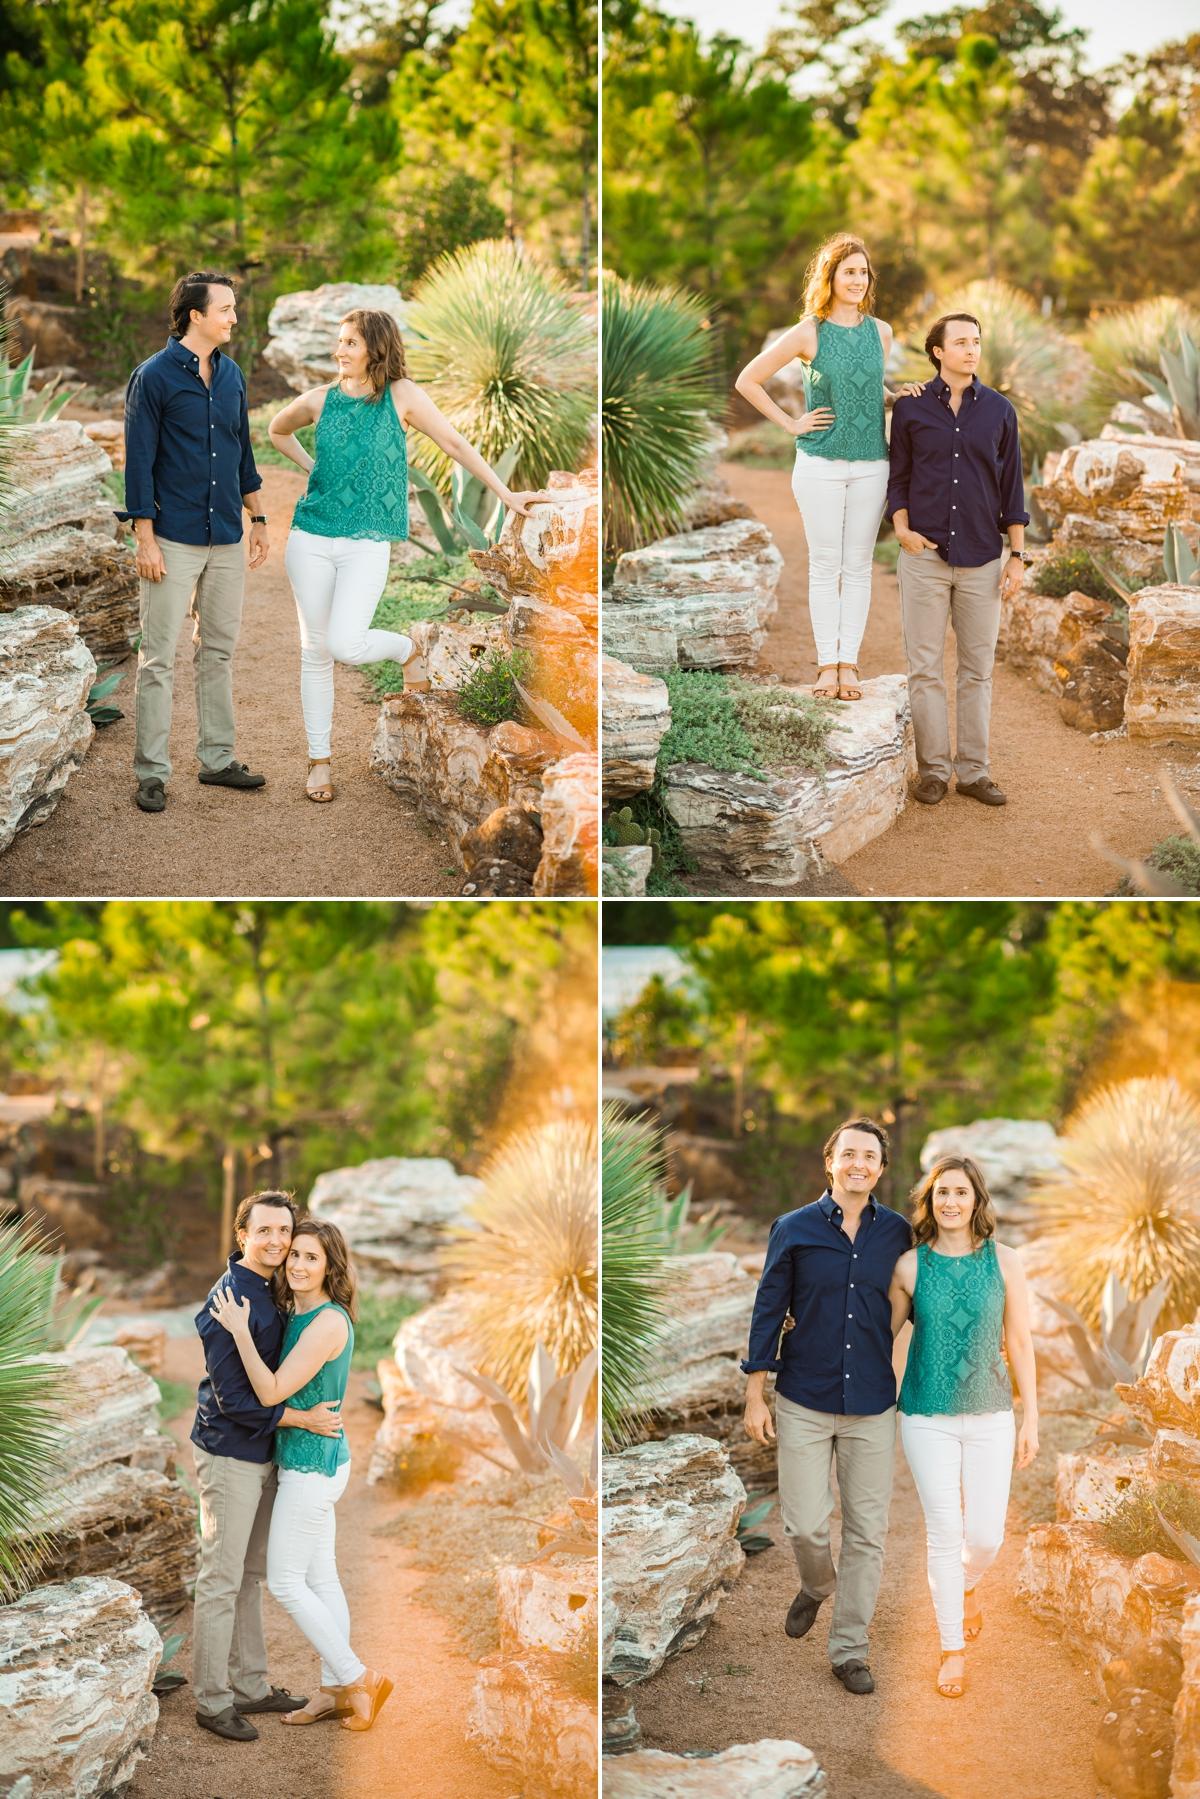 Couple exploring a desert garden at Houston Botanic Garden